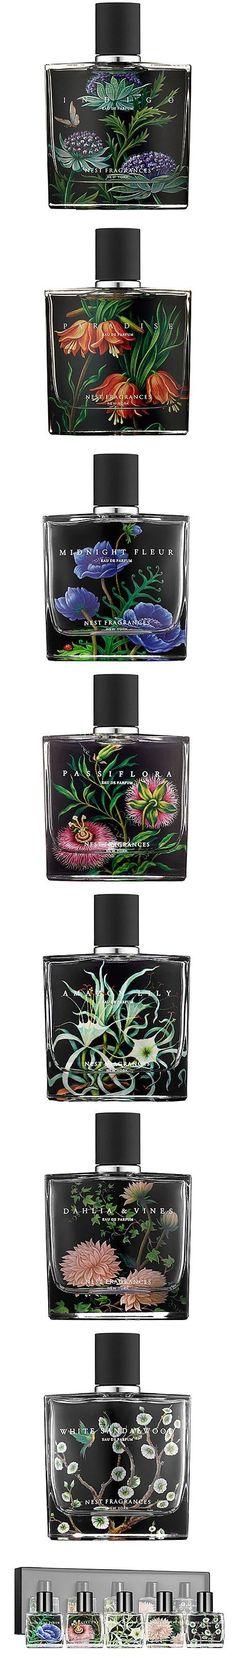 Like this bottle! - NEST Fragrances.